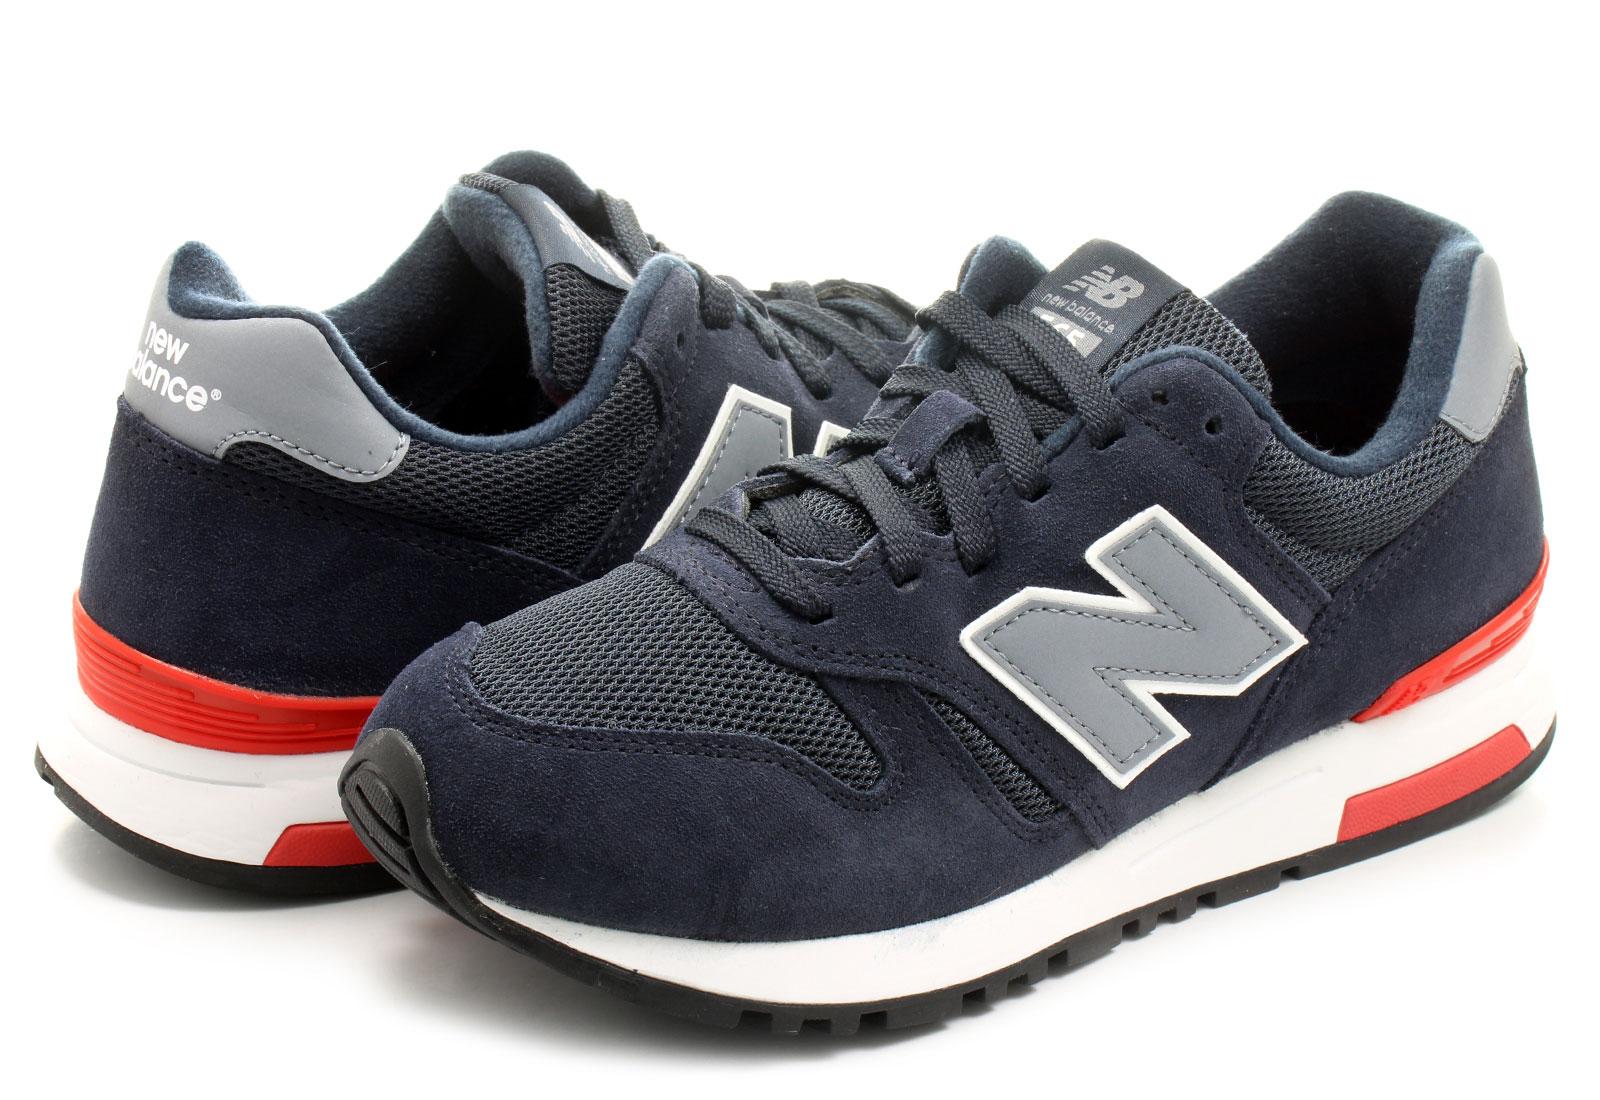 New Balance Cipő - Ml565 - ML565NBR - Office Shoes Magyarország a1d6273b1d